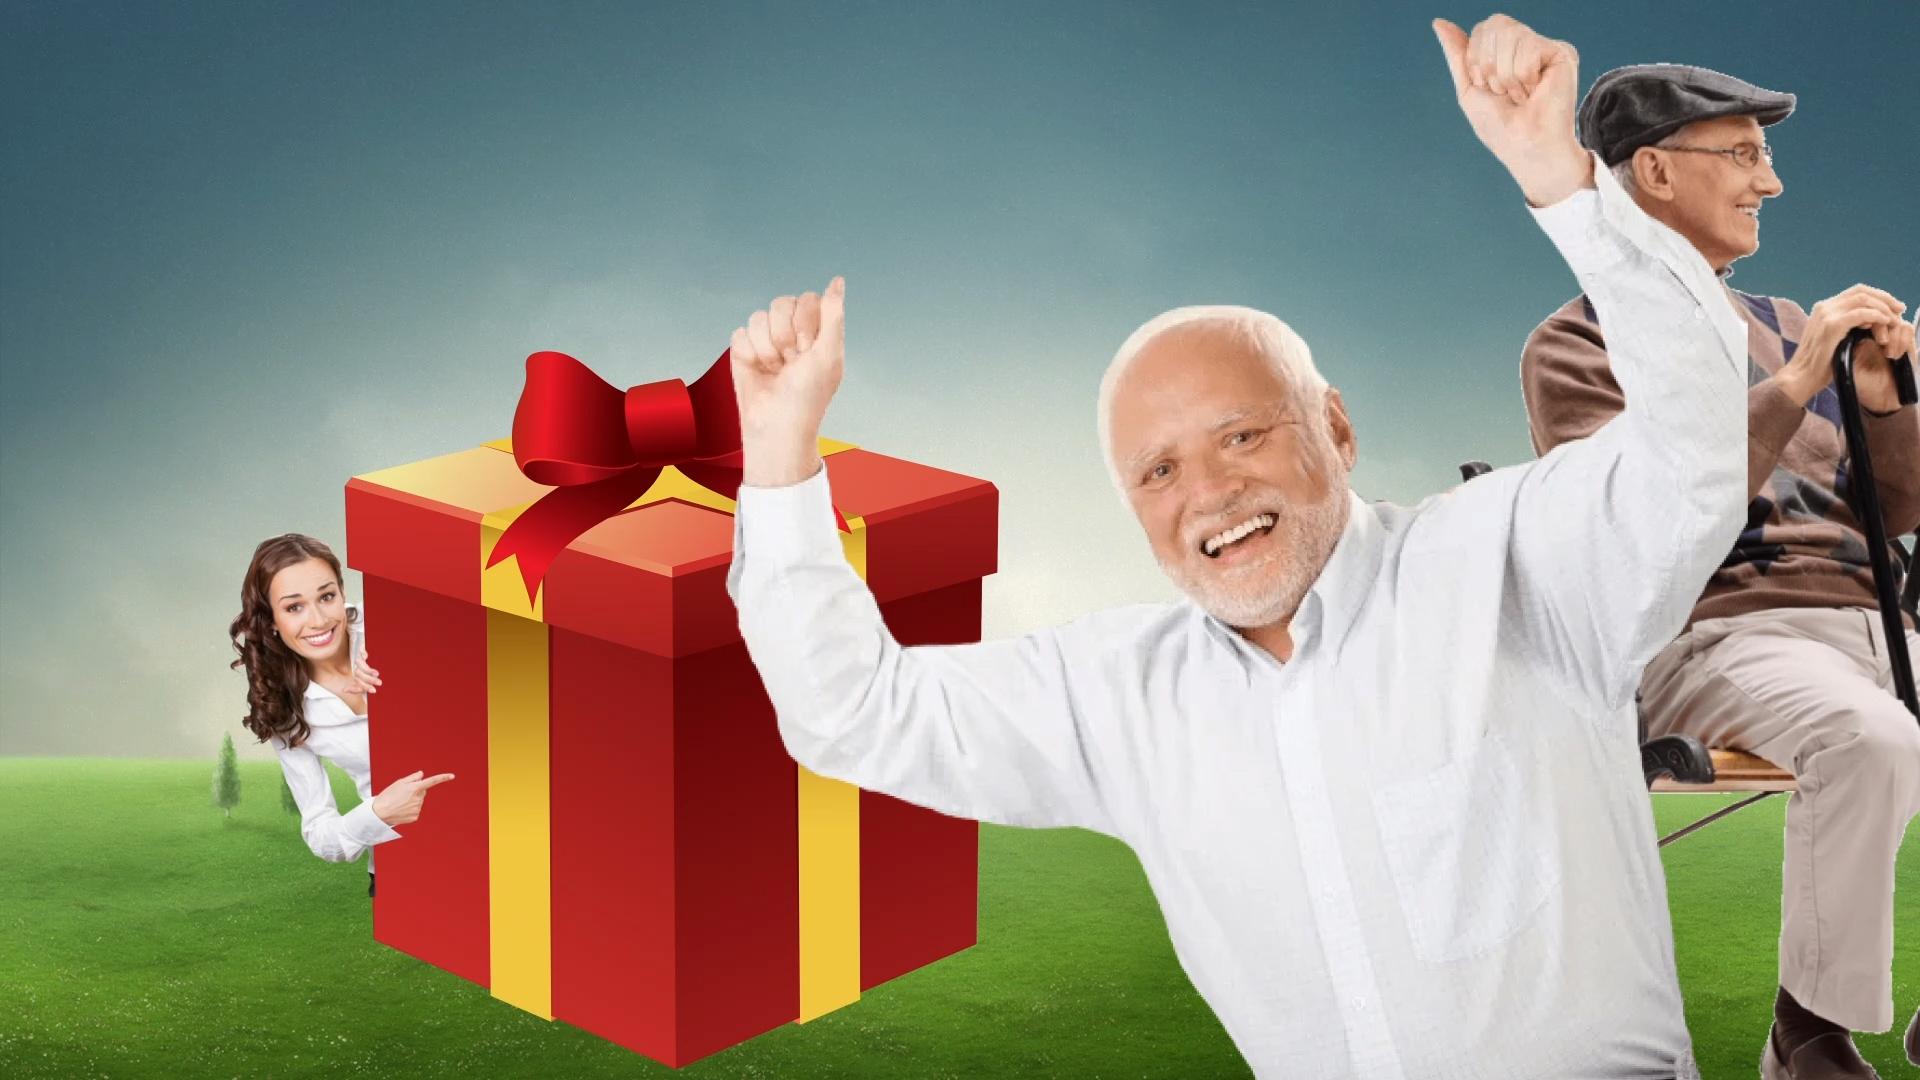 Ко Дню пожилых людей Лидское телевидение объявляет конкурс «Мои года — мое богатство!»